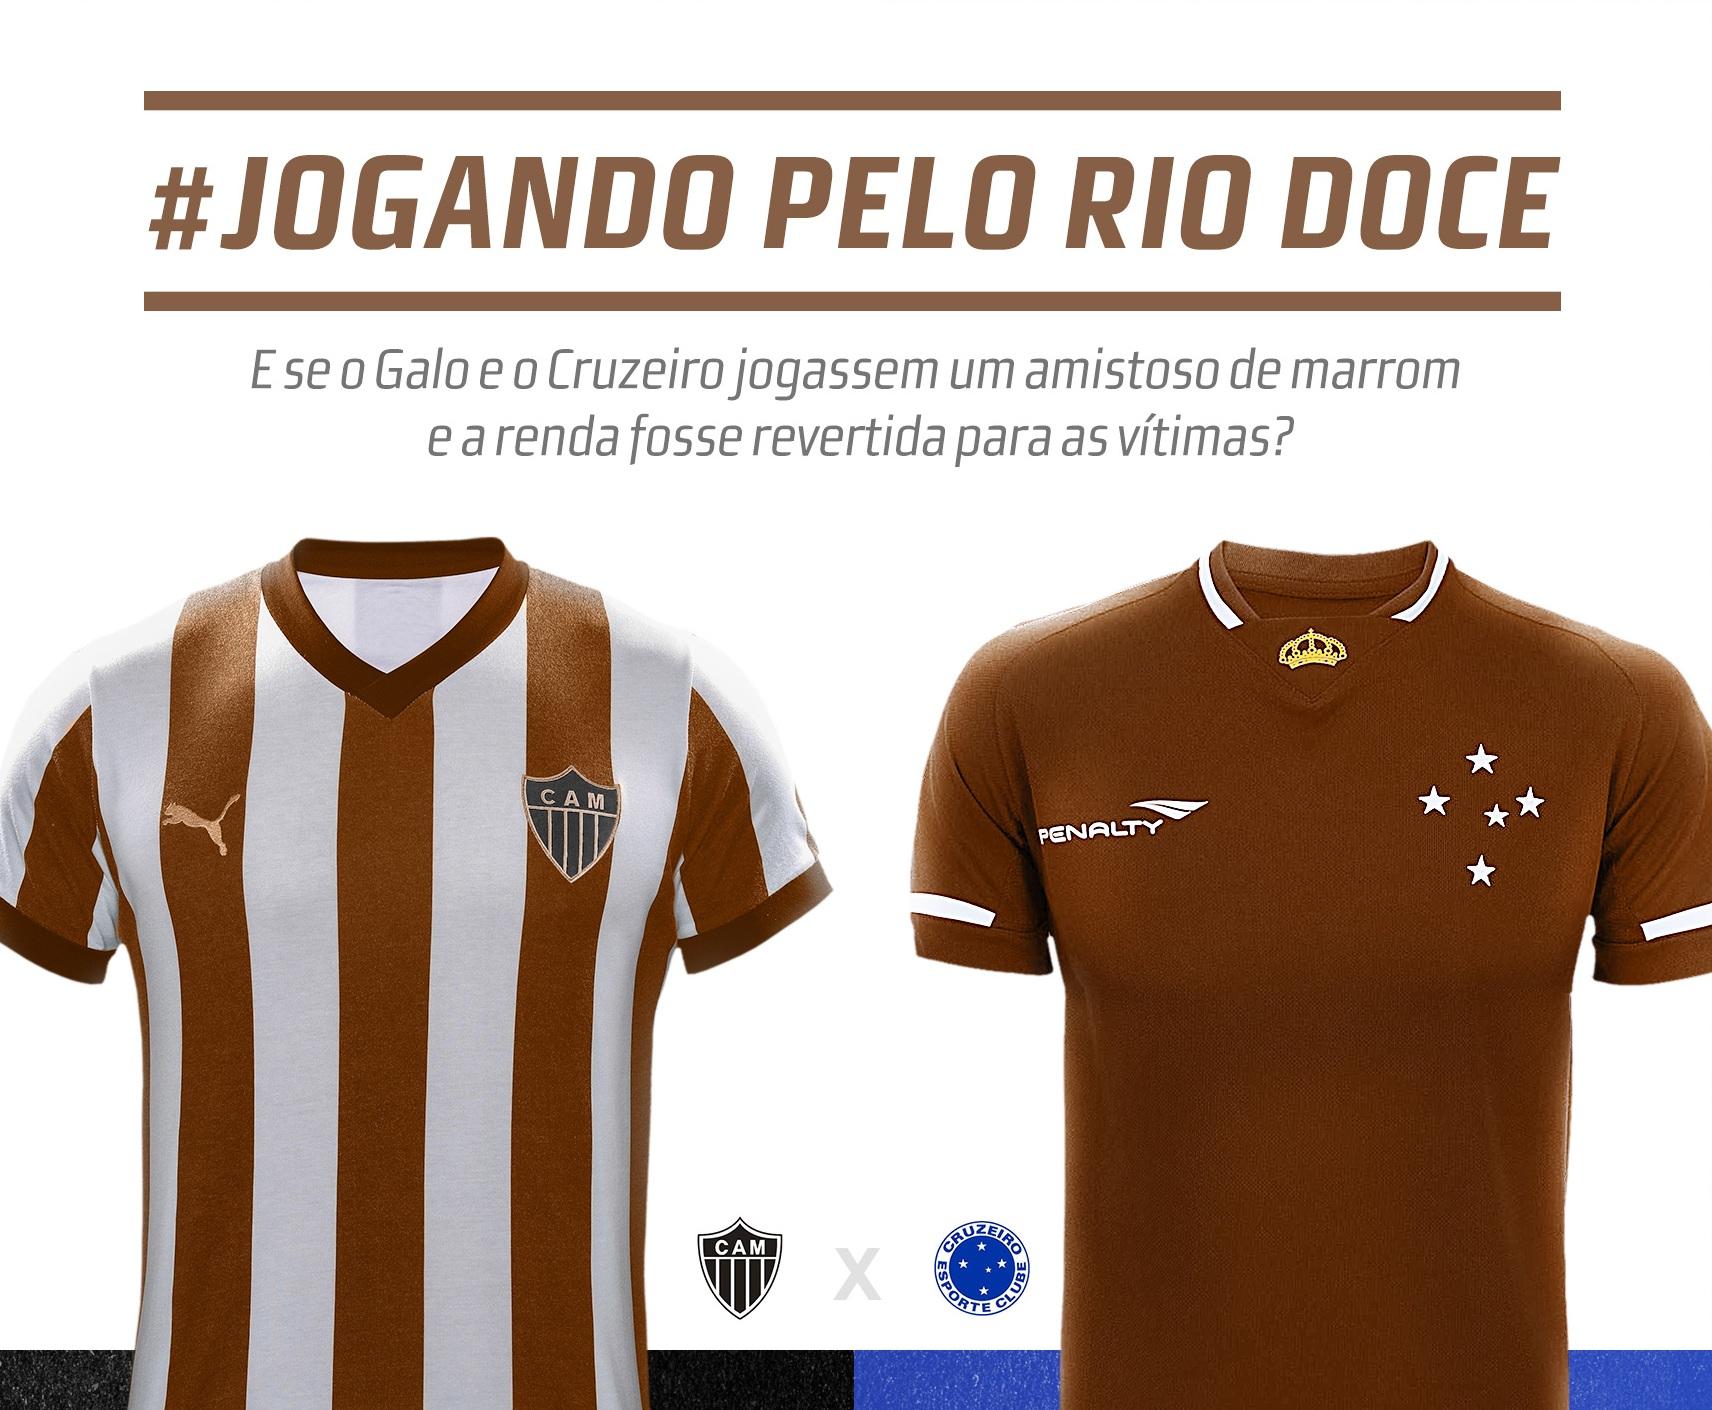 Movimento pede jogo beneficente entre Atlético e Cruzeiro pelas vítimas de Mariana